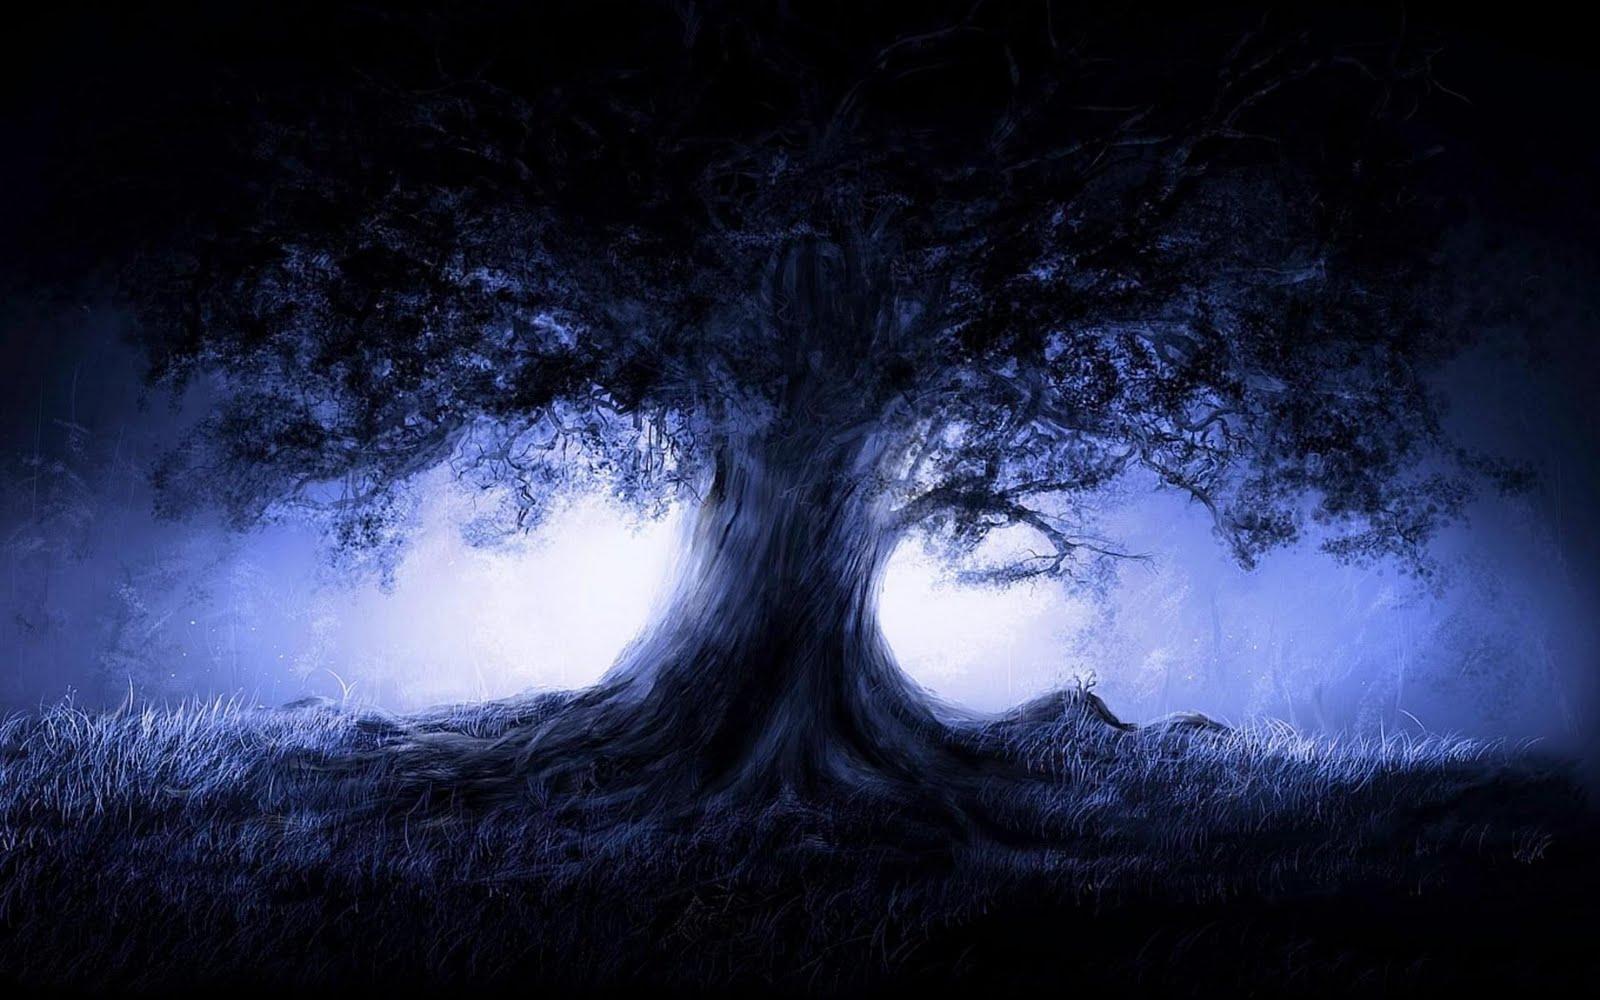 Imagem De Fundo - Árvore Com Luz Por Trás